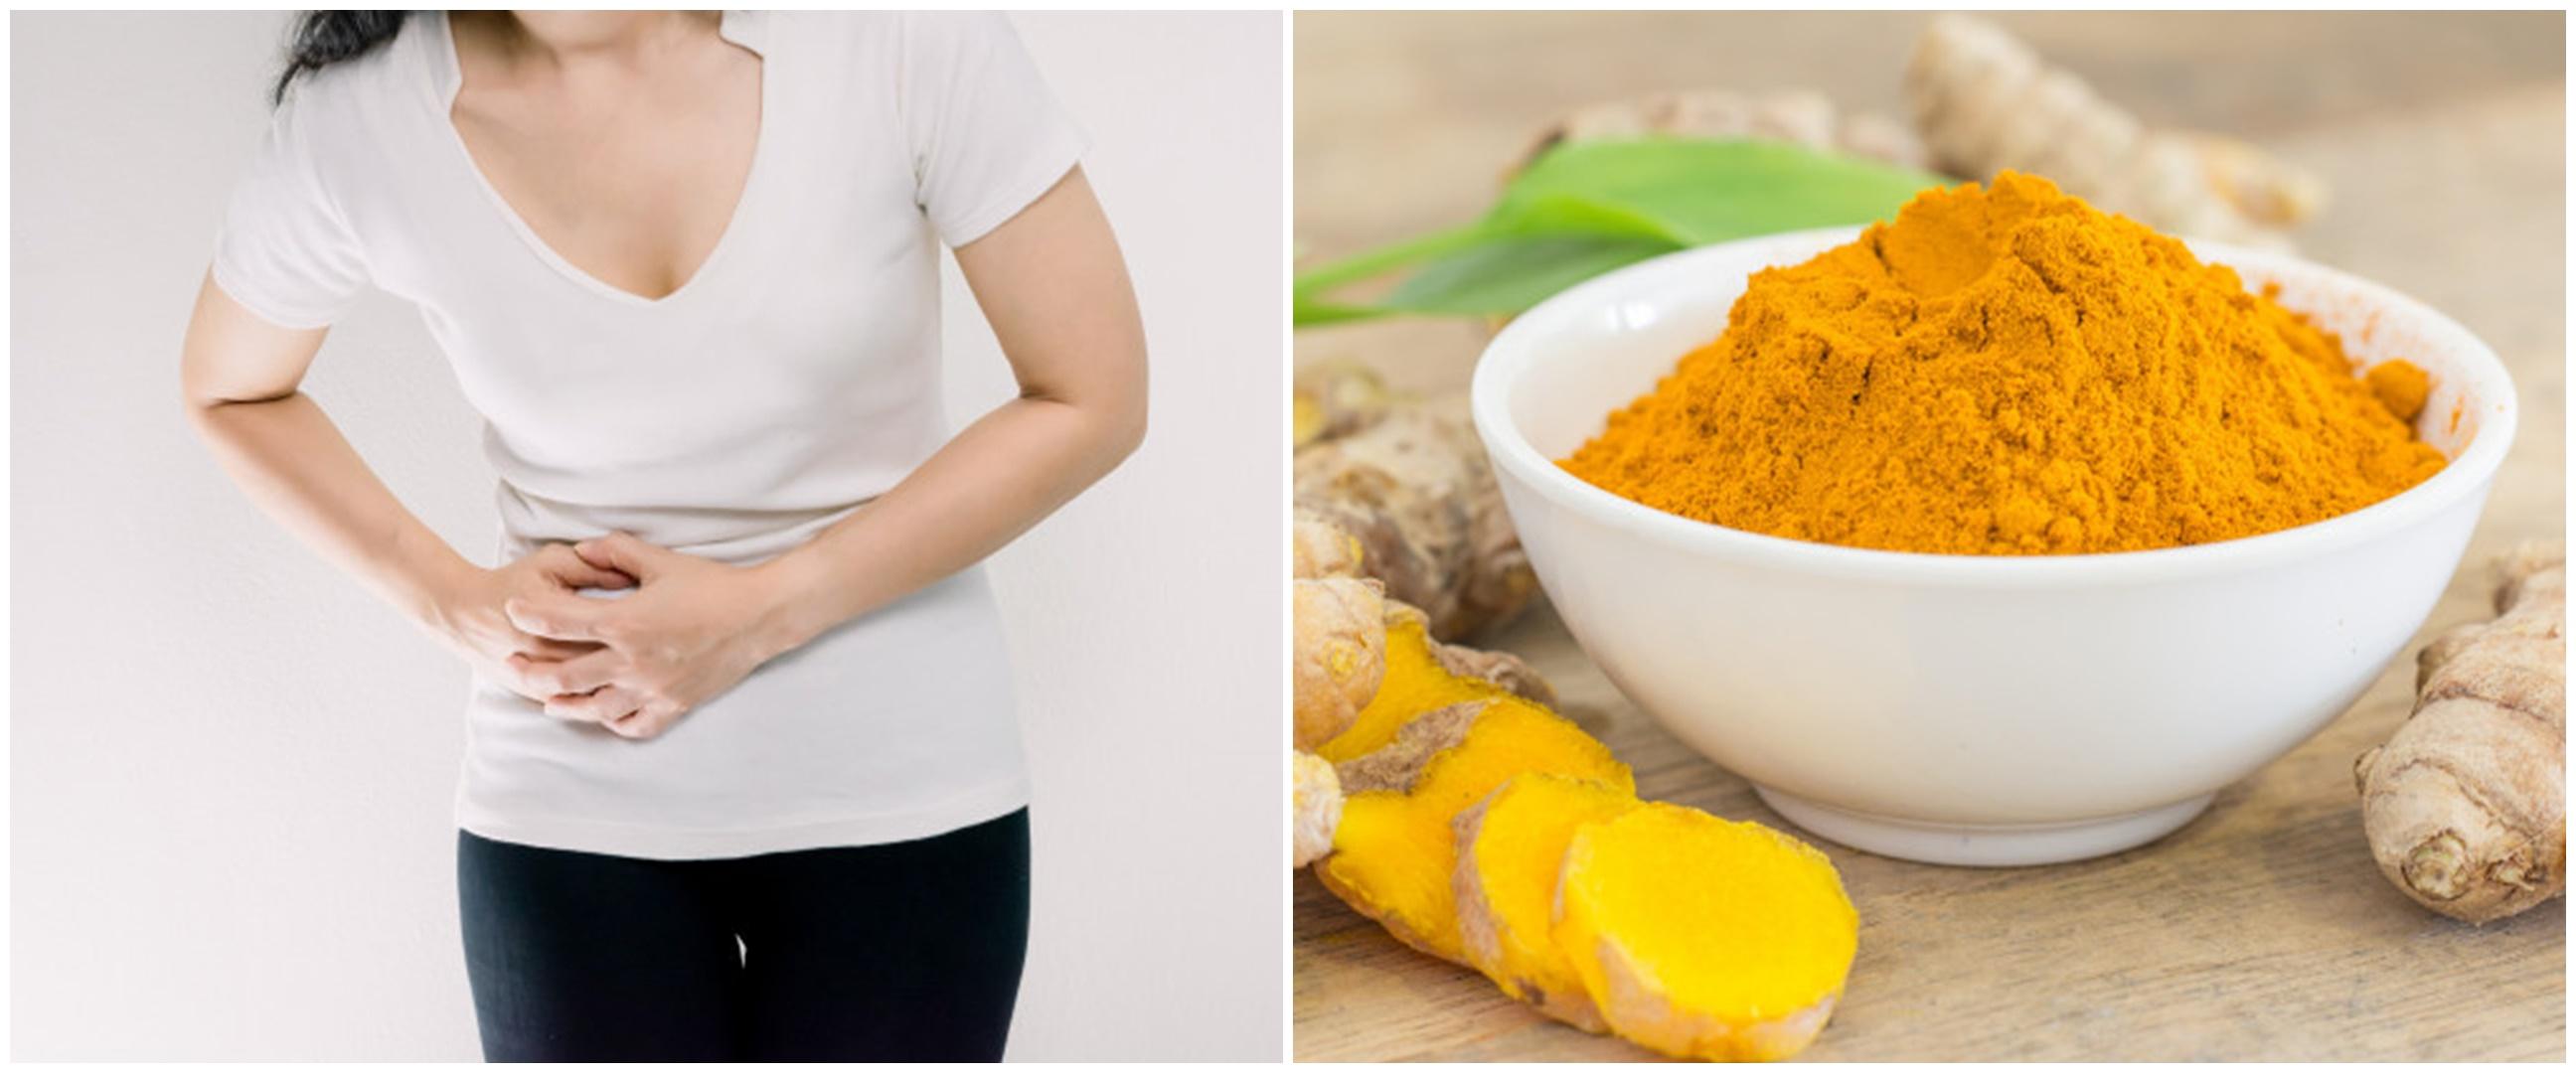 7 Tanaman obat herbal usus buntu, mudah didapat dan ampuh